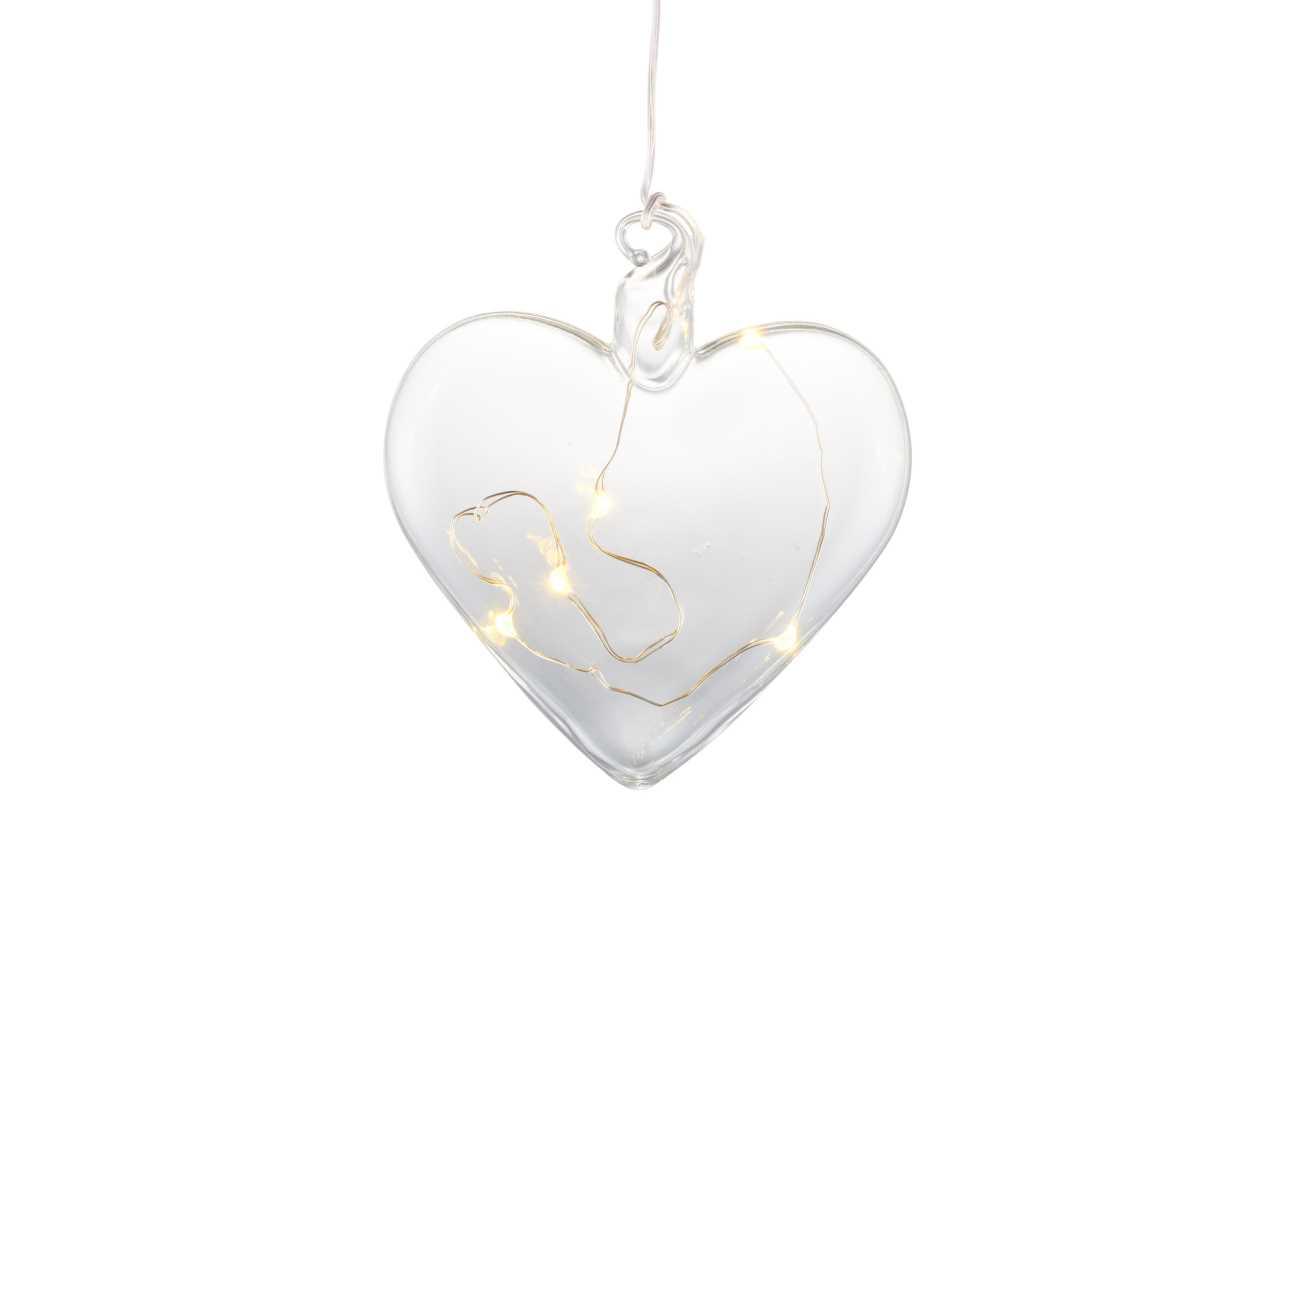 LED Dekohänger Scheibe REBECCA Herz flach Glas klar Ø 8cm 5 LED mit Timer SIRIUS